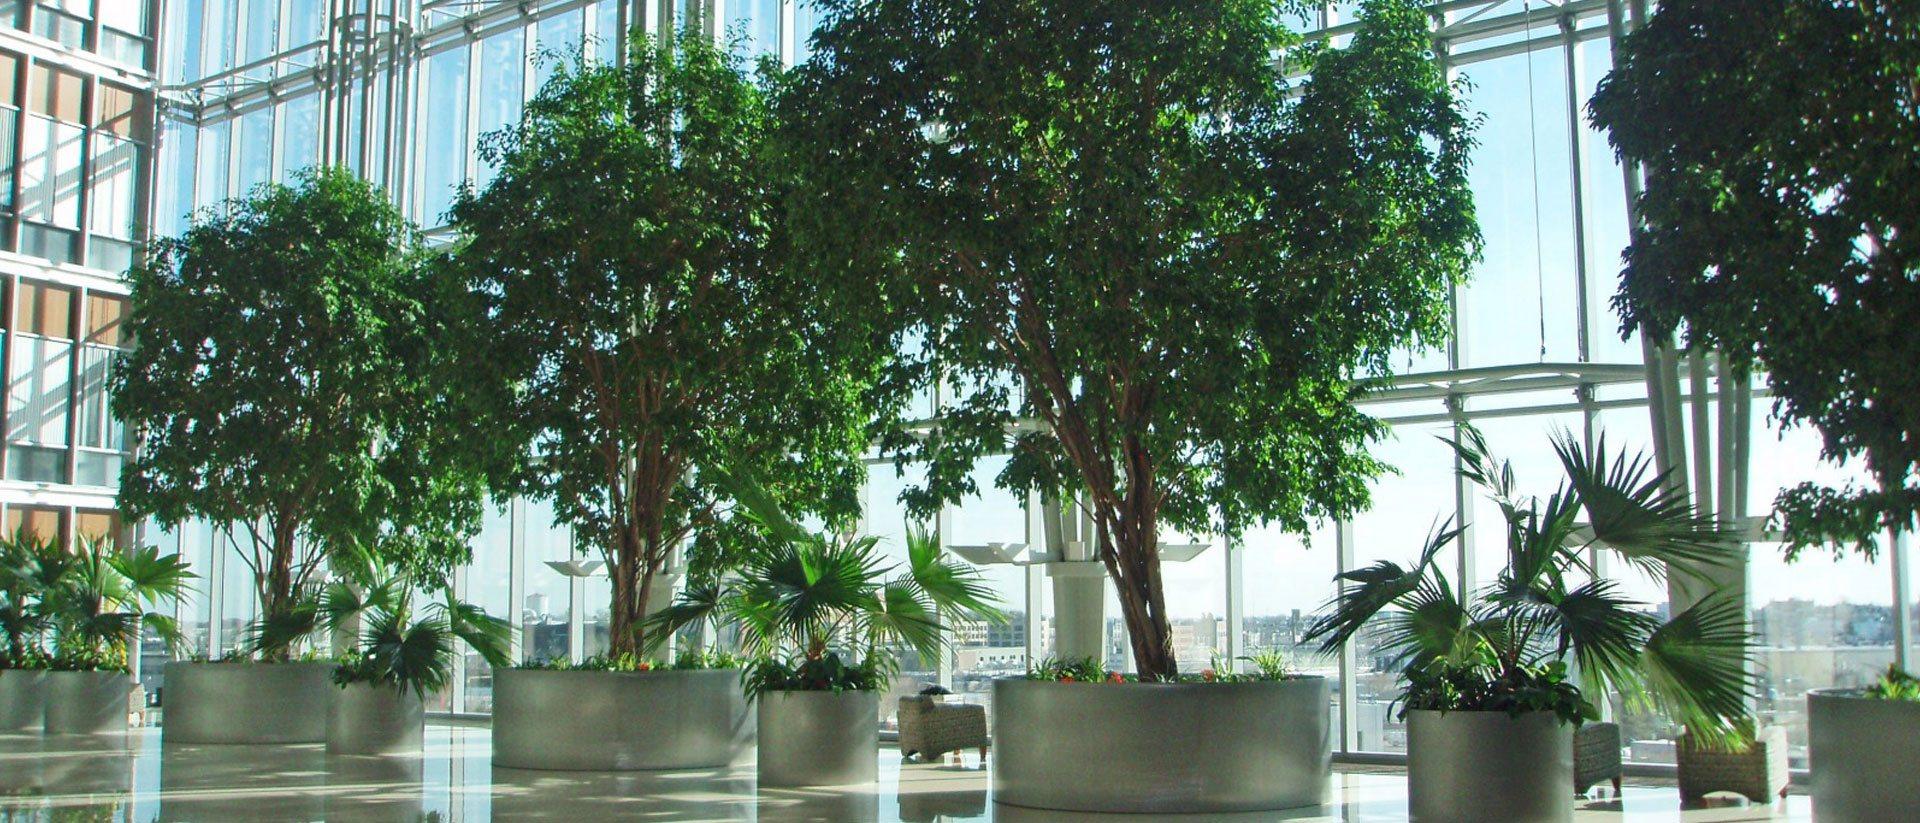 Noleggio piante roma idroservice - Piante per ufficio ...